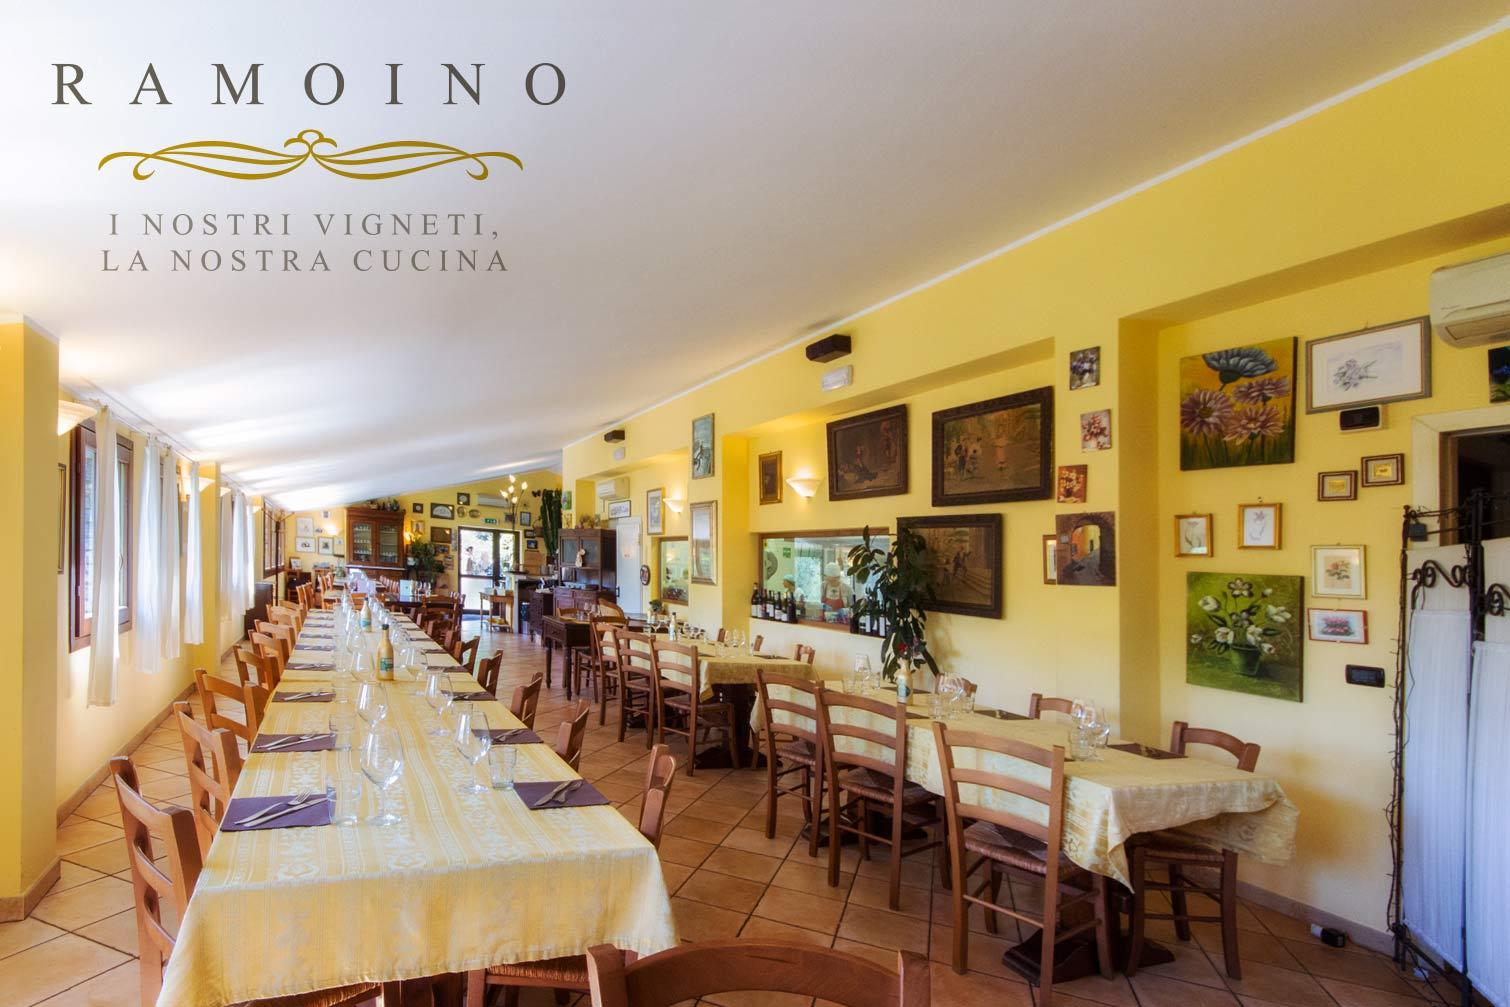 Ramoino-ristorante